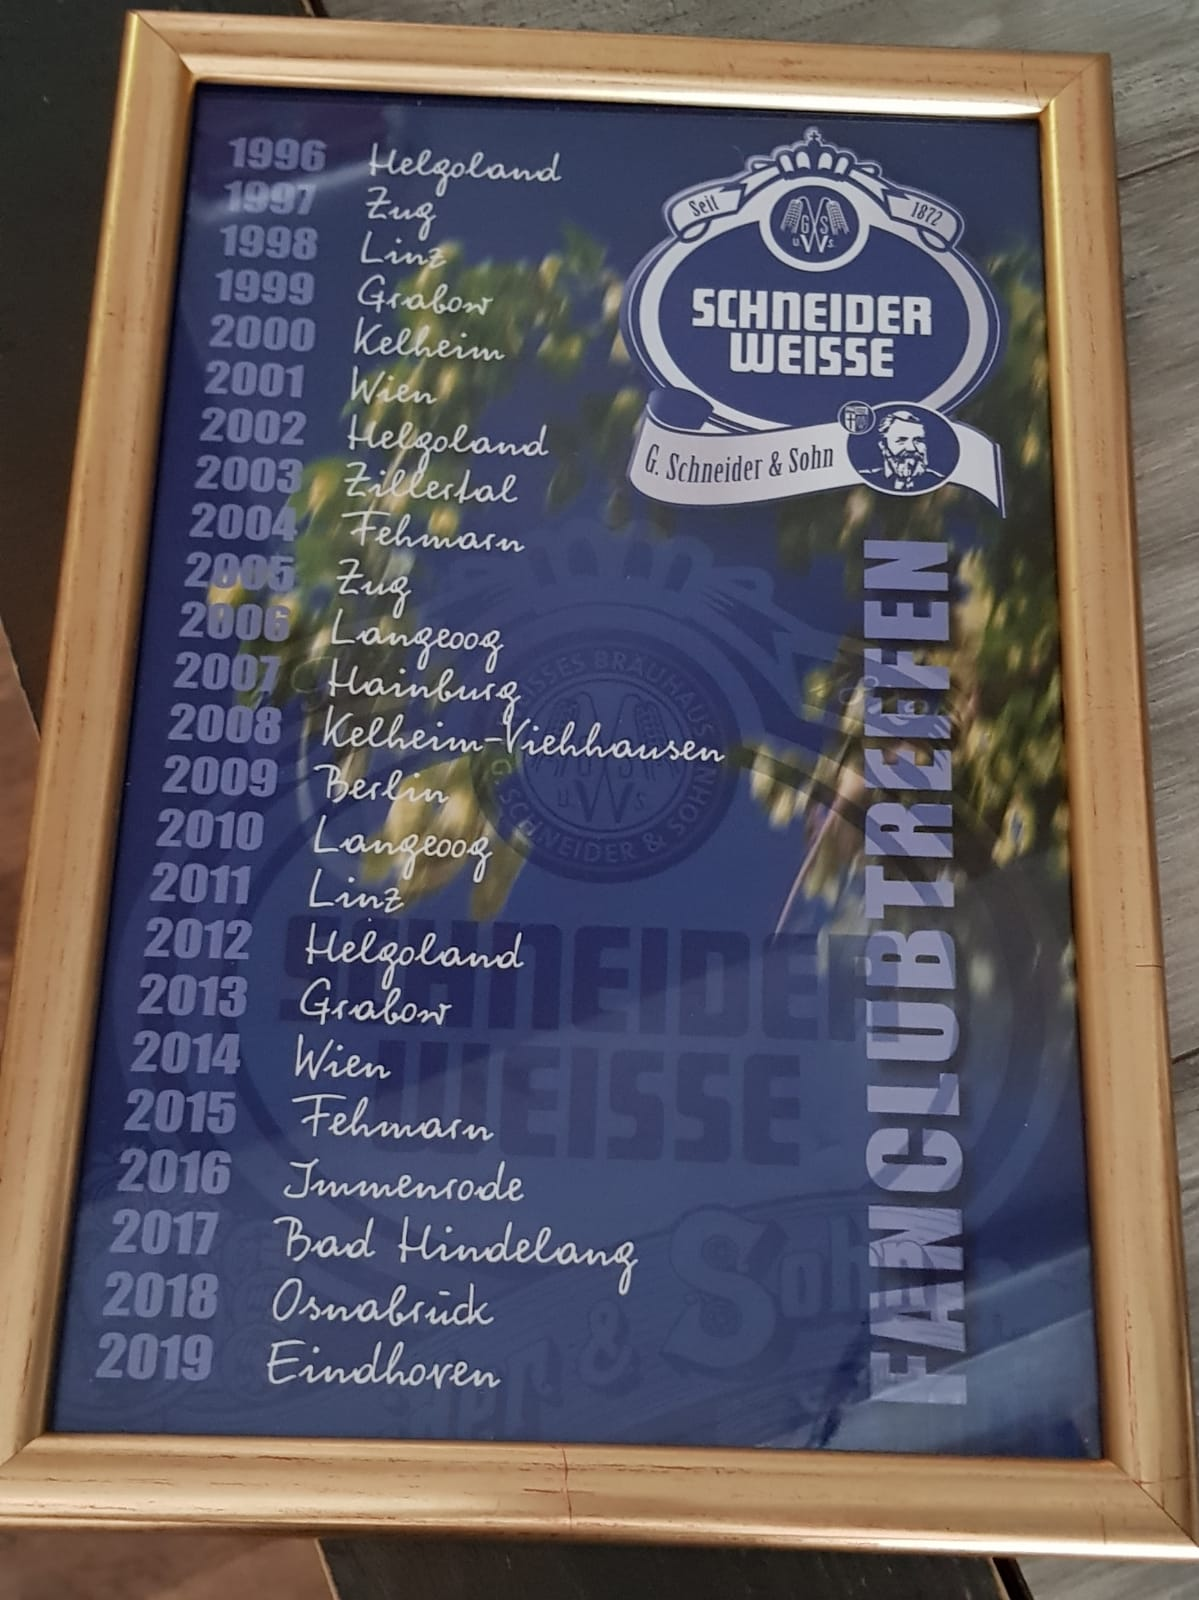 Schneider Weisse Fanclubtreffen My Adventures In The World Of Beer